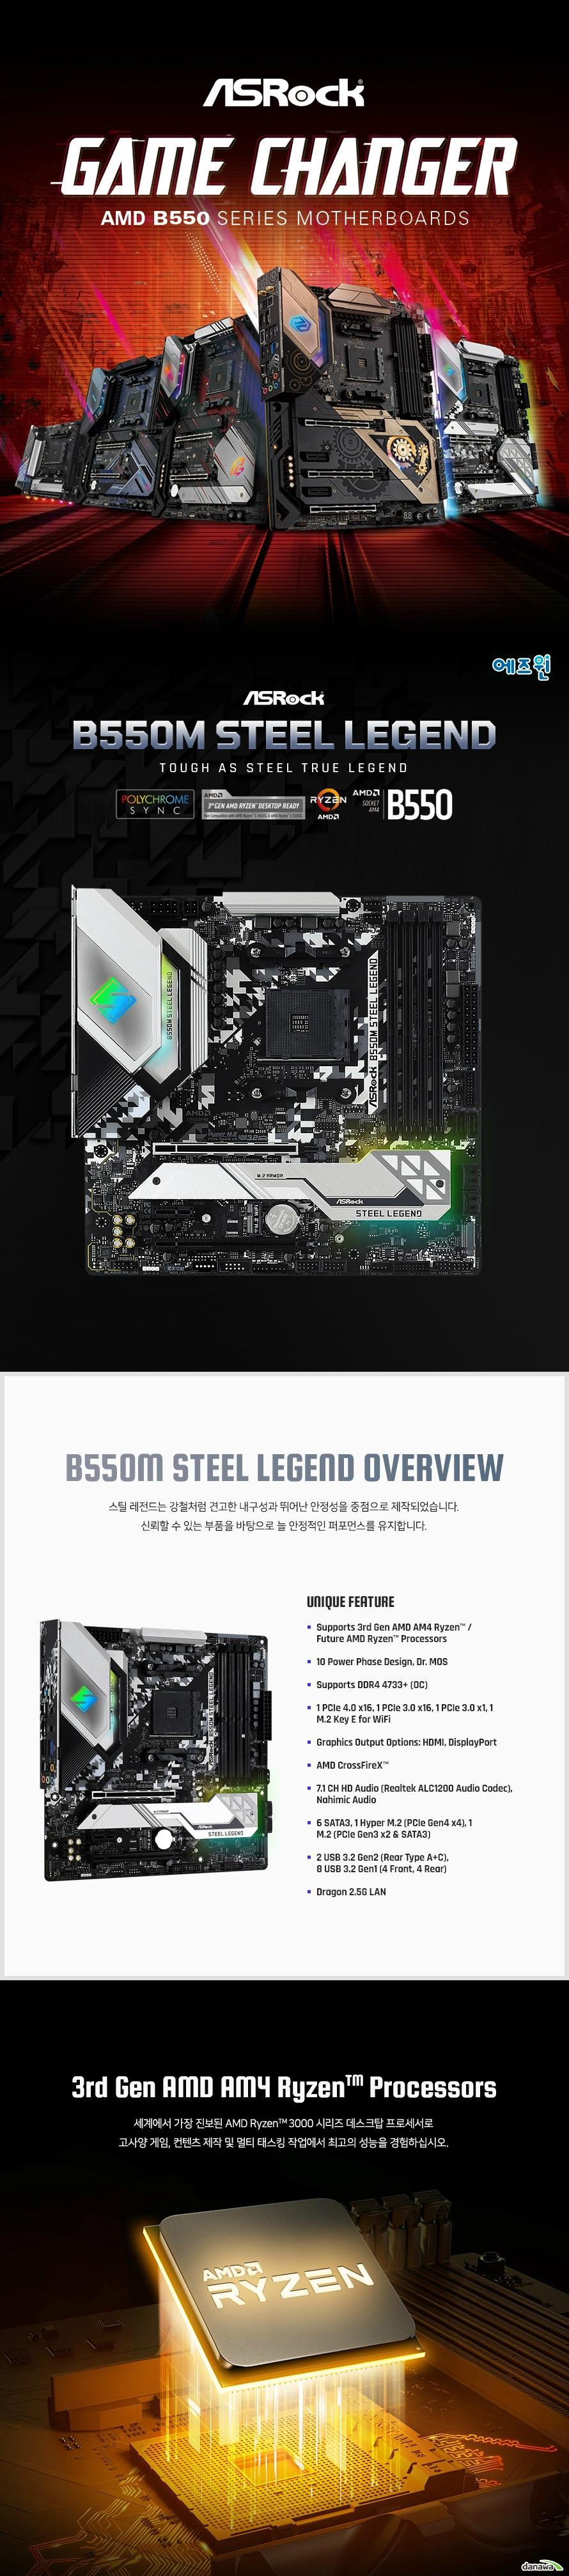 스틸 레전드는 강철처럼 견고한 내구성과 뛰어난 안정성을 중점으로 제작되었습니다. 신뢰할 수 있는 부품을 바탕으로 늘 안정적인 퍼포먼스를 유지합니다.  세계에서 가장 진보된 AMD RyzenTM 3000 시리즈 데스크탑 프로세서로 고사양 게임, 컨텐츠 제작 및 멀티 태스킹 작업에서 최고의 성능을 경험하십시오.   개선된 공기 흐름, 더욱 빠른 열 방출, 안정적인 전원부 성능, 강력한 오버클럭 기능으로 자신만의 스타일을 갖춘 새로운 시스템을 구축해보세요.   PCIe Gen4 x4를 지원하는 Hyper M.2 소켓과 PCIe Gen3 x4 대역폭의 Ultra M.2 소켓을 지원합니다. 두 소켓 모두 SATA3 6Gb/s 모드를 지원하여 SATA3 M.2 SSD와도 호환됩니다. M.2 아머는 외부에서 가해지는 물리적인 충격으로부터 보호해주며 알루미늄 히트싱크 및 써멀 패드를 통해 M.2 SSD에서 발생하는 발열을 빠르게 해소합니다.  강화 스틸 슬롯은 그래픽카드의 무거운 무게로 인해 슬롯이 휘는 것을 방지해주며 외부 충격에도 그래픽카드가 탈거되지 않도록 단단하게 고정시켜줍니다. 또한, 차세대 PCI Express 4.0 표준을 지원하여 최고의 데이터 대역폭을 지원합니다.  사운드 트래커는 주요 사운드가 나오는 방향을 나타내는 시각적 표시기입니다.  FPS 장르 게임 플레이 시 더욱 정밀한 사운드 플레이를 가능케 합니다.  기존 초크에 비해 ASRock의 프리미엄 60A 파워 초크는 포화 전류를 최대 3배까지 높여 향상된 Vcore 전압을 메인보드에 제공합니다. 또한 10 페이즈 전원부 구성으로 CPU 전원 공급을 원활하게 하고 낮은 온도를 유지하여 탁월한 오버클럭 성능을 제공합니다.  Dr.MOS는 동기식 buck-set down 전압 애플리케이션에 최적화된 통합 전력 스테이지 솔루션입니다. 기존의 개별 MOSFET에 비해서 각 위상에 더 높은 전류를 지능적으로 전달하여 향상된 열 결과 및 우수한 성능을 제공합니다.  고밀도 전원 커넥터 설계로 전력 손실을 23% 줄이고 커넥터 온도를 22도 낮췄습니다. 원활한 전력 공급이 가능하도록 안정적이고 효율적인 커넥터 설계에 초점을 맞추었습니다.   2온스 구리 이너 레이어로 제작되어 안정적인 신호 추적 환경을 제공합니다. 더욱 많은 전력 공급과 전력 소비 감소, PCB 수명 증가, pcb 노이즈를 줄이고 전기적 안정성을 높여 1 온스 pcb에 비해 안정적인 시스템을 구축할 수 있습니다.  온보드 LAN 포트 외에도 M.2 (Key E) 슬롯을 사용하여 802.11ac 무선 연결을 할 수 있습니다. WiFi 모듈 별매  차세대 USB 3.2 Gen2 장치를 지원하며 최대 10Gbps 데이터 전송 속도를 제공하기 위해 후면 I/O 포트에 내장된 온보드 Type-A 및 Type-C USB 3.2 Gen2 포트가 장착 되어 있습니다.  자신만의 화려한 커스텀 LED 구성을 위해 강력한 편의 기능을 제공합니다. 내장된 RGB LED 또는 연결된 LED 스트립, CPU 팬, 시스템 쿨러 등 모든 RGB 장치를 쉽게 관리 및 조정할 수 있습니다.  홈 네트워킹, 컨텐츠 제작자, 온라인 게이머 및 고품질 스트리밍 미디어 등 까다로운 환경을  모두 소화할 수 있도록 표준 기가비트 이더넷 대비 최대 2.5 배의 대역폭을 가졌습니다. 이제껏 경험해보지 못한 속도로 최고의 네트워크 환경을 경험하실 수 있습니다.  설치형 I/O 포트 실드를 장착하여 조립 편의성을 높였습니다. 더 넓은 공차 공간을 확보하고 케이스 설치 시 I/O 포트 실드를 조정할 수 있습니다.  HDMI + DisplayPort를 지원하여 듀얼 모니터를 기본 지원합니다. 외장 그래픽카드를 장착하지 않아도 듀얼 모니터를 사용할 수 있어 더욱 편리합니다. 내장 그래픽 칩셋이 포함된 CPU 사용 시 활용 가능합니다.